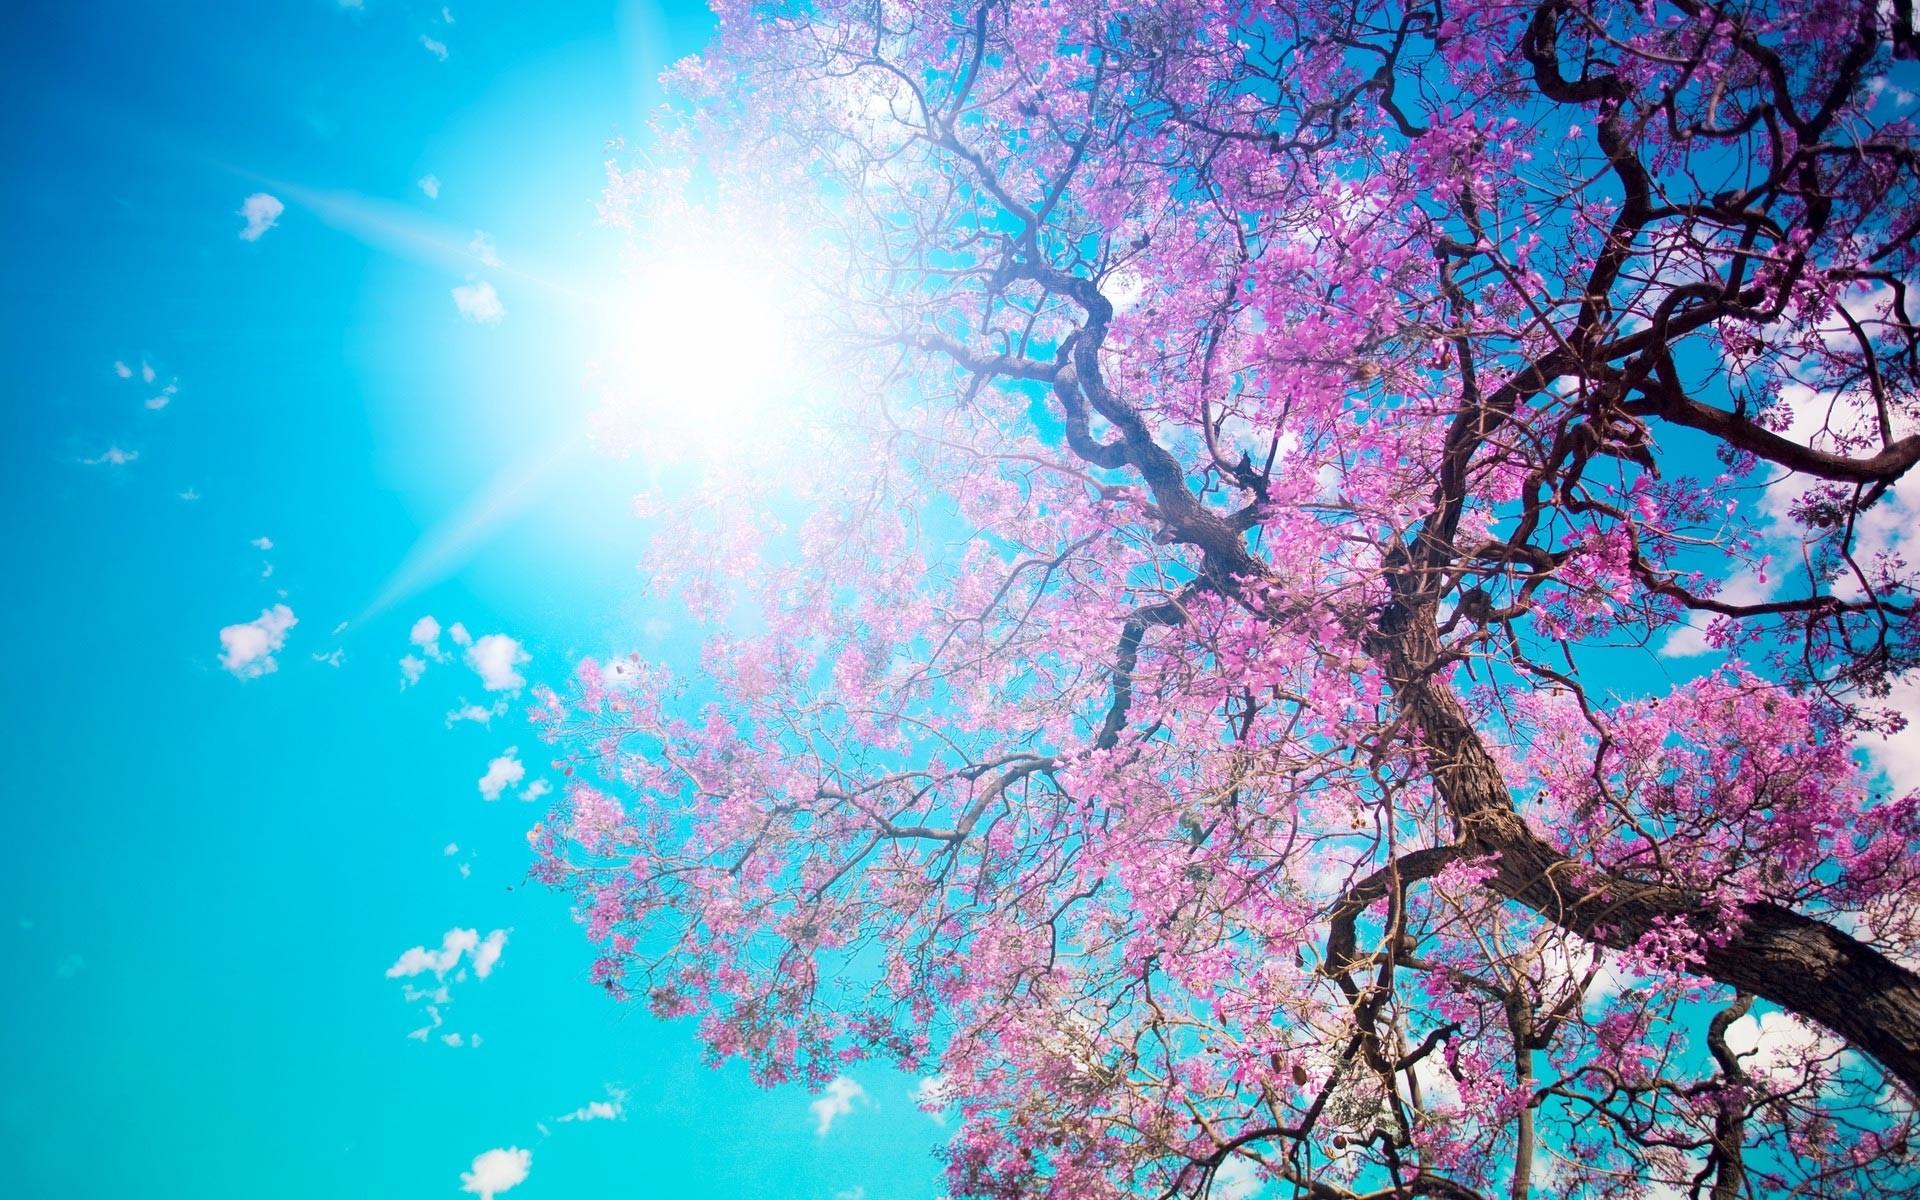 Spring Desktop Backgrounds hd, wallpaper, Spring Desktop Backgrounds .